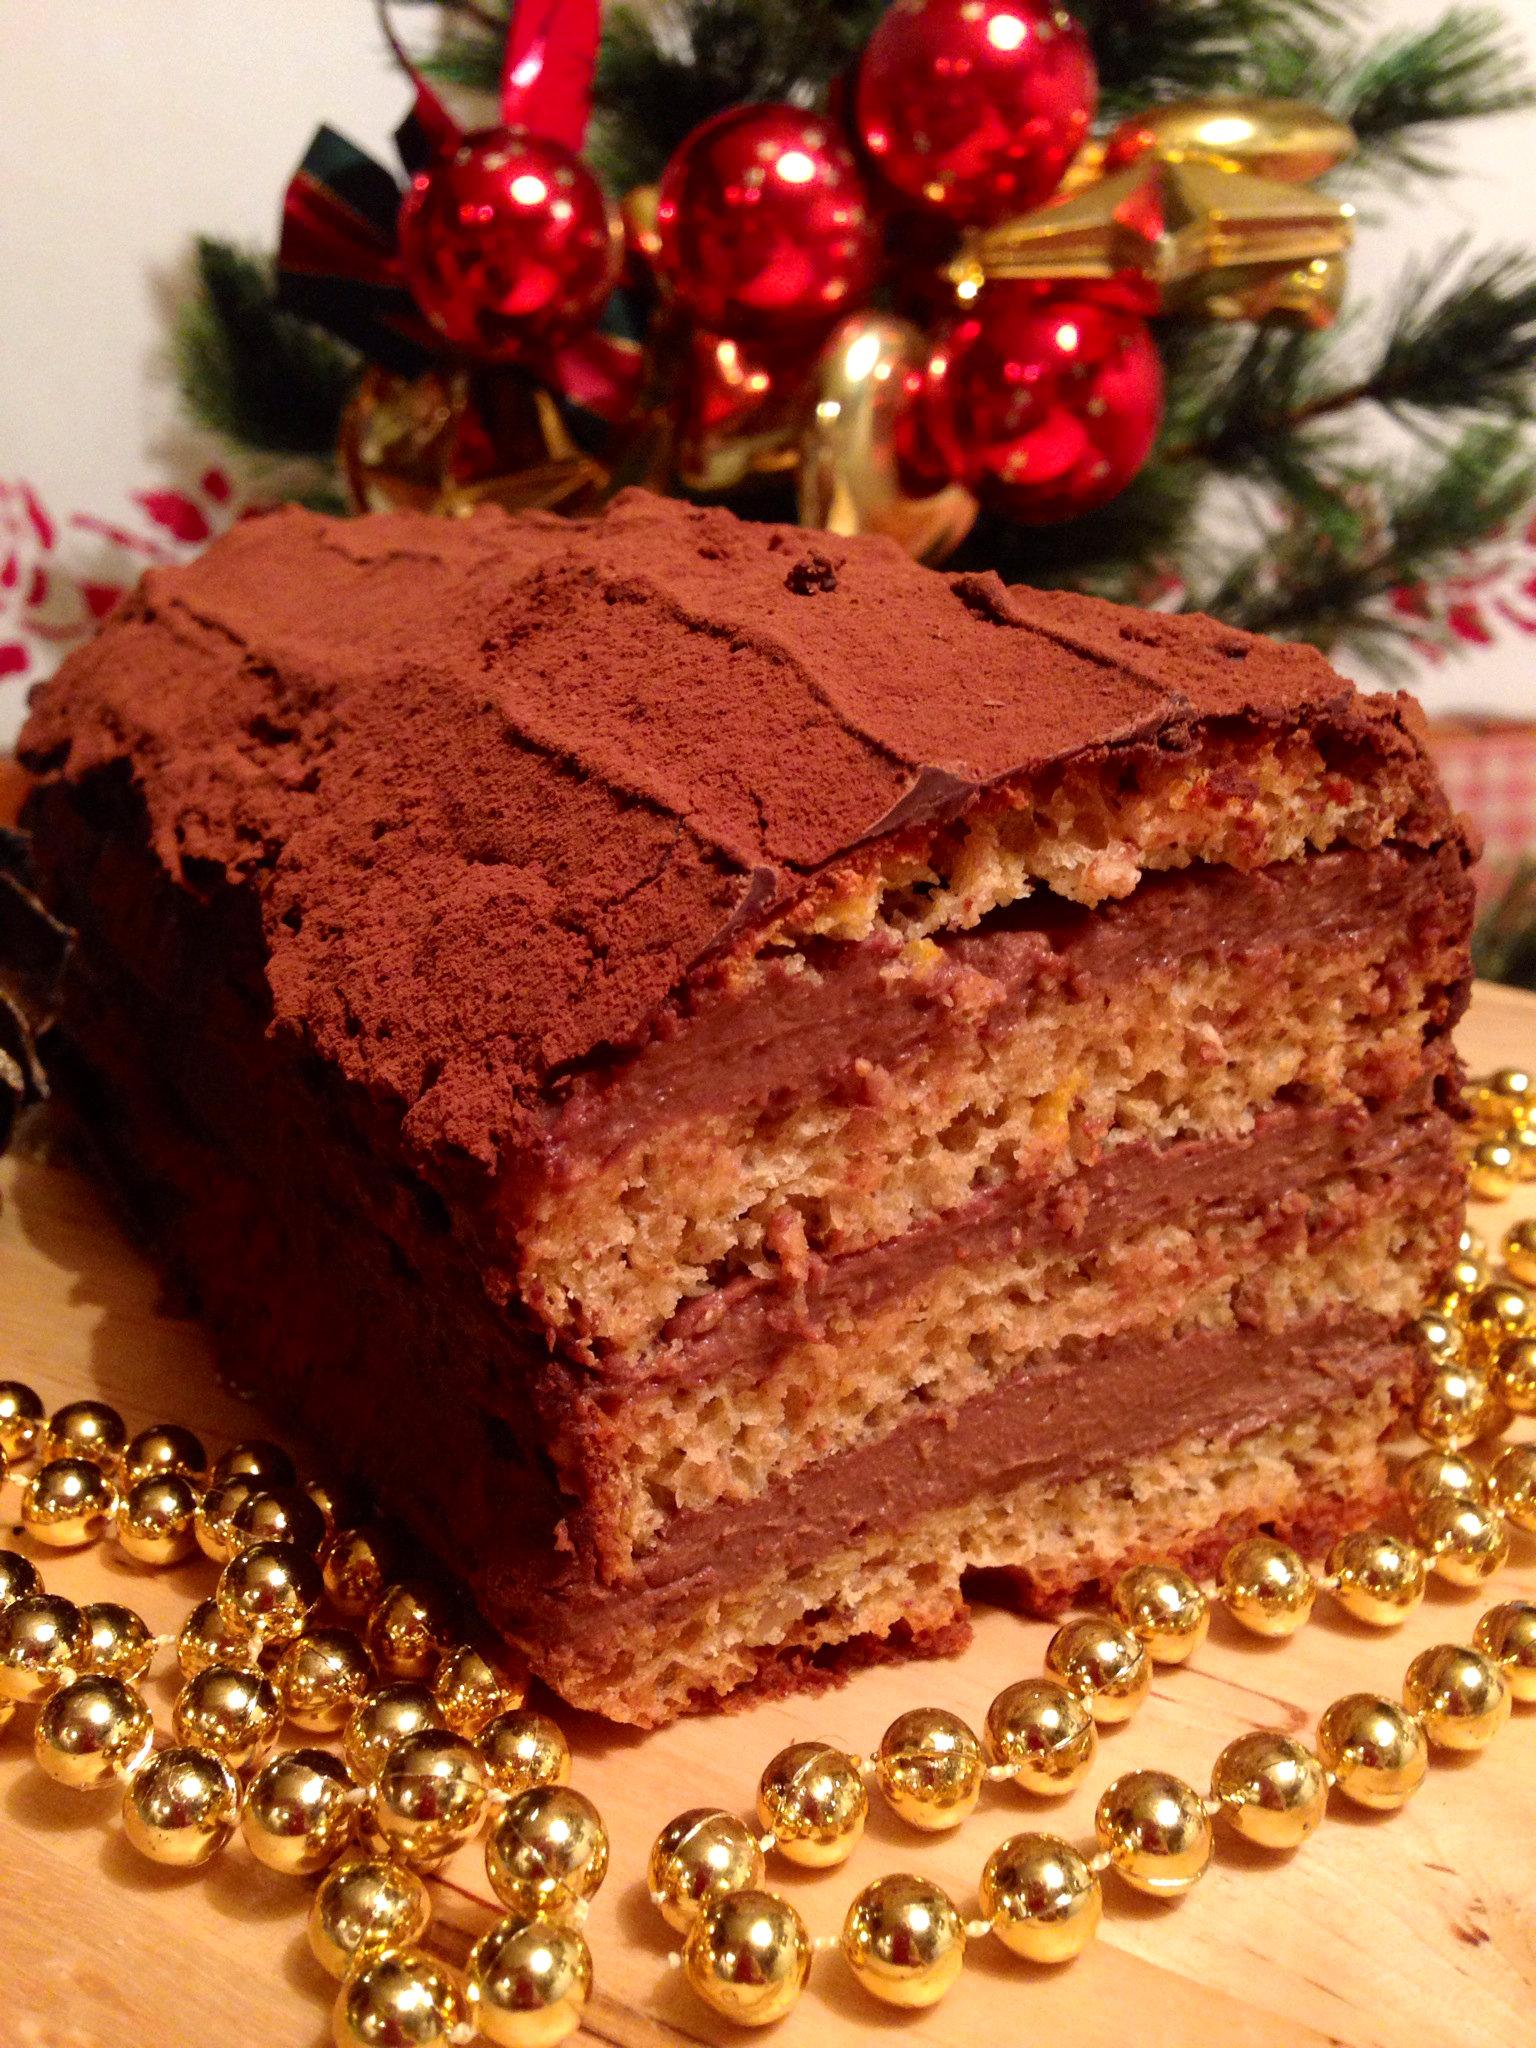 Nuovo e book un dolce natale senza burro dolci senza for Nuove ricette dolci